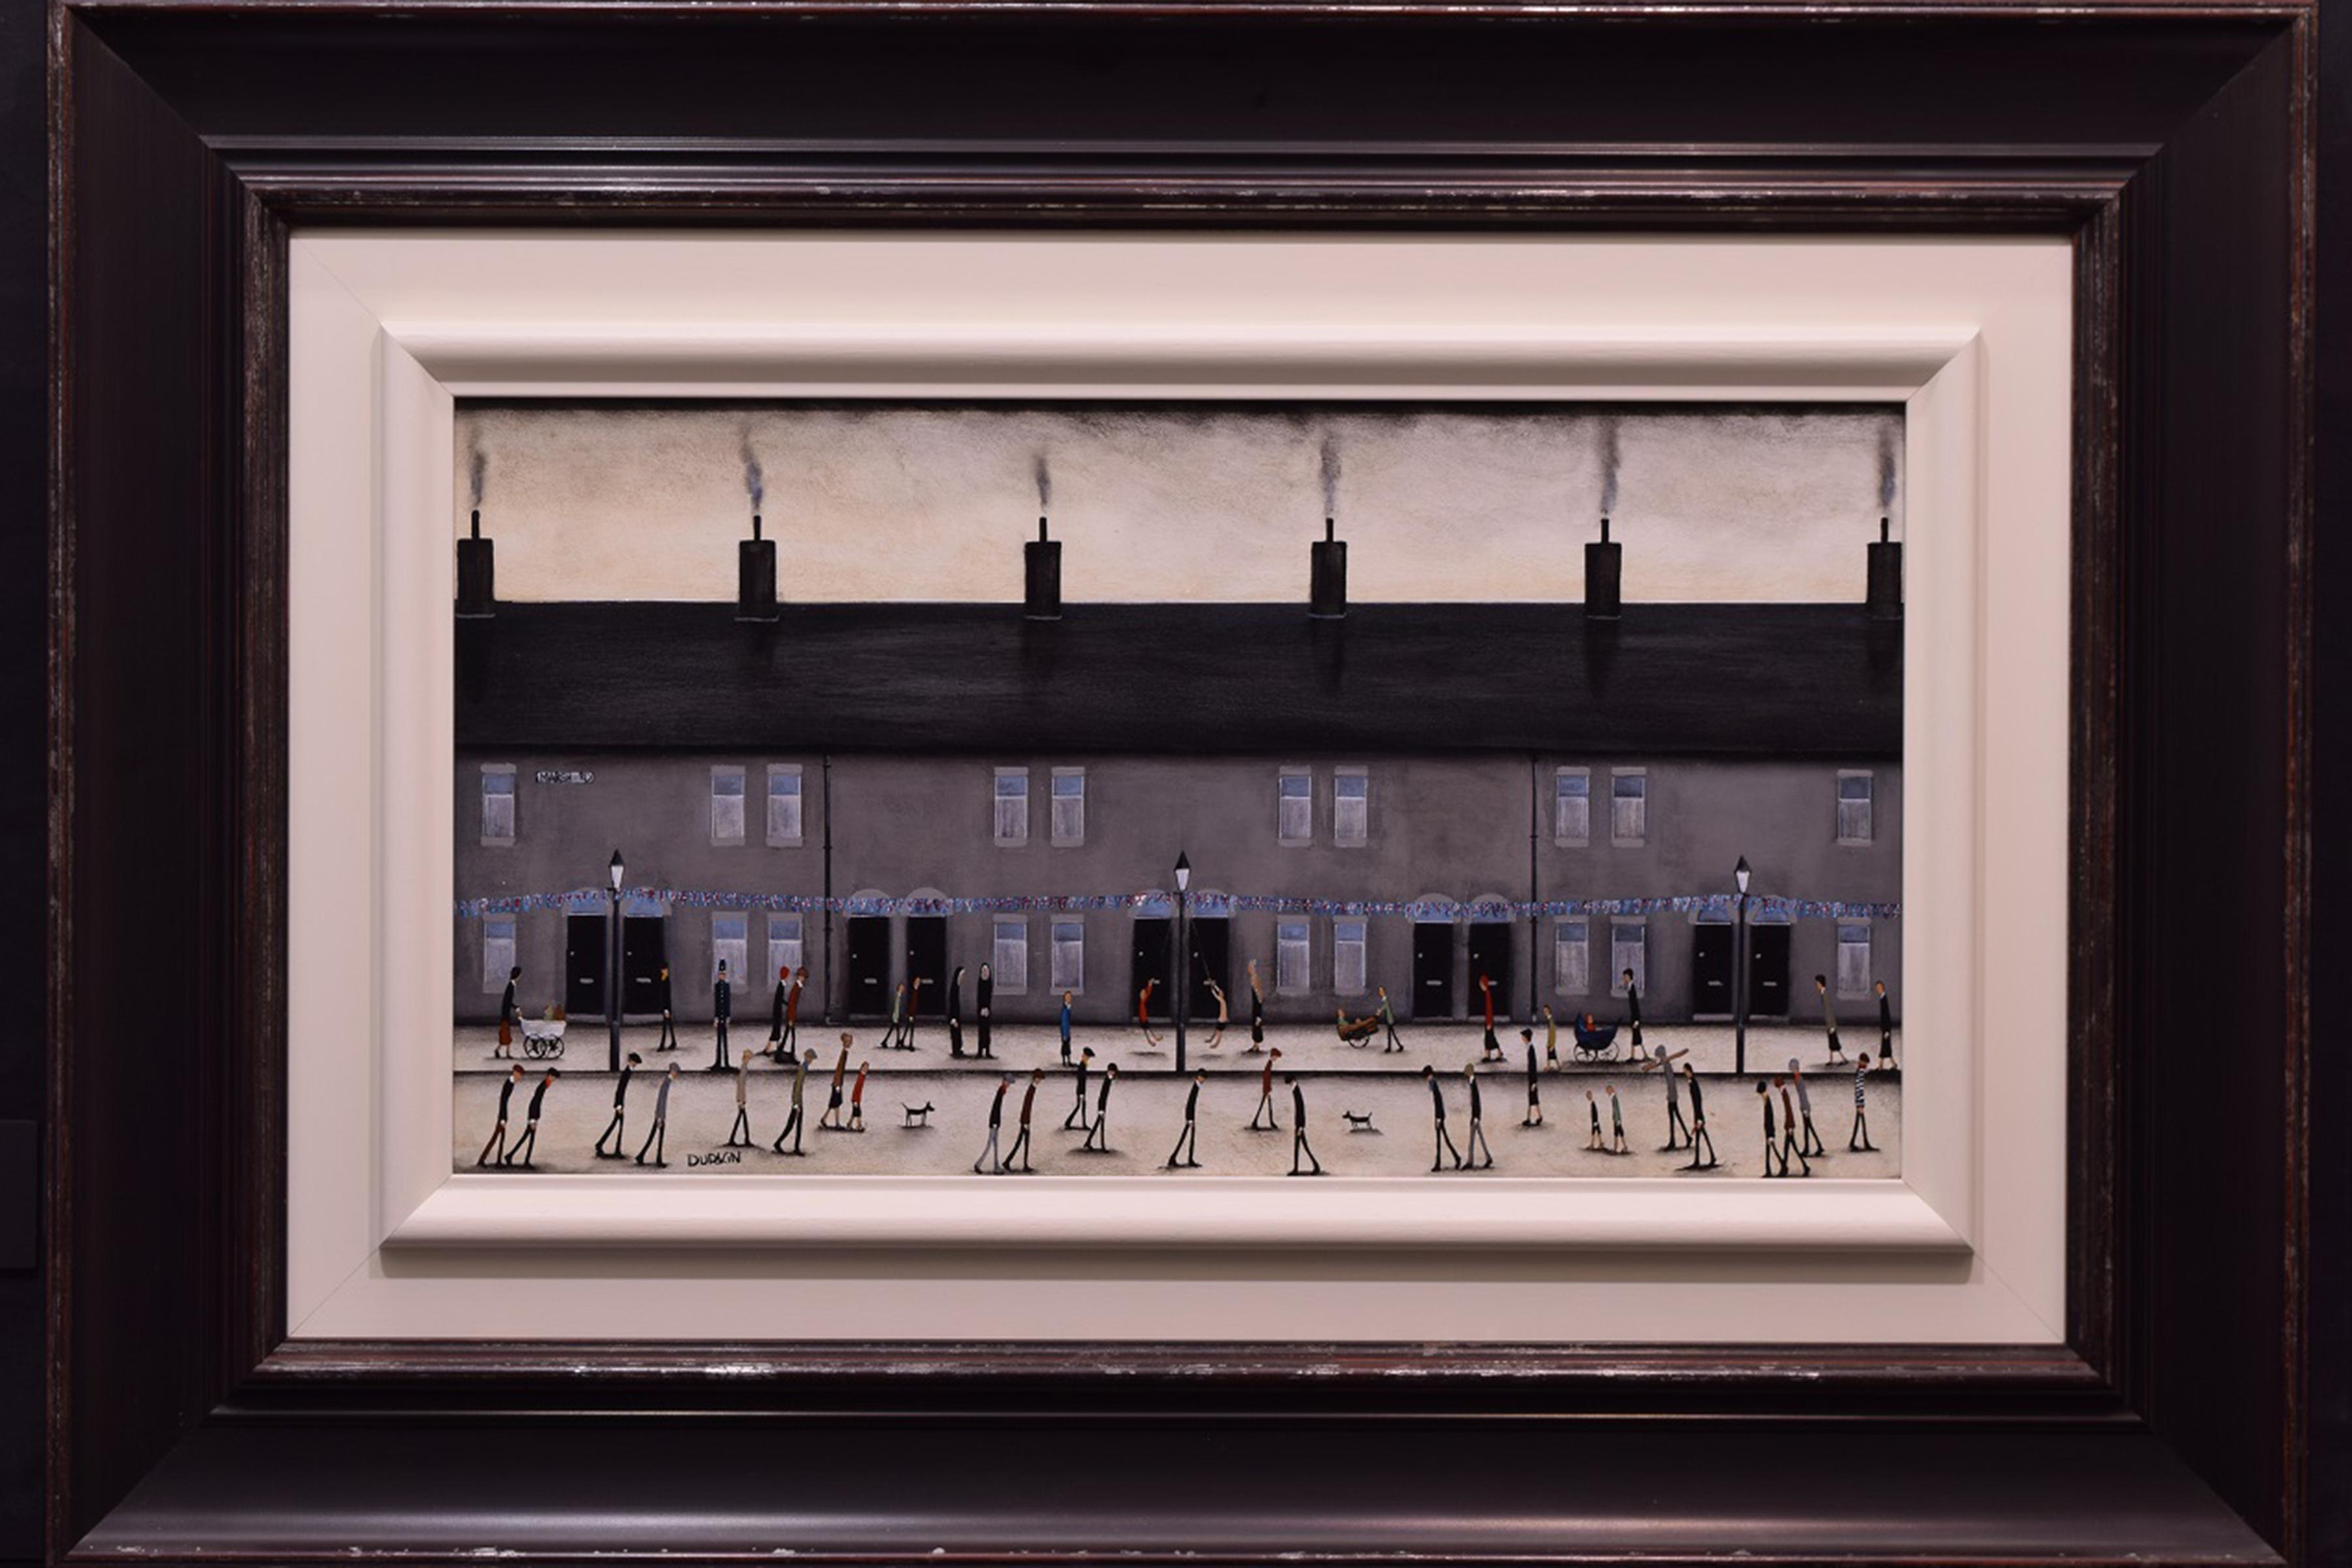 Terrace Walk by Sean Durkin